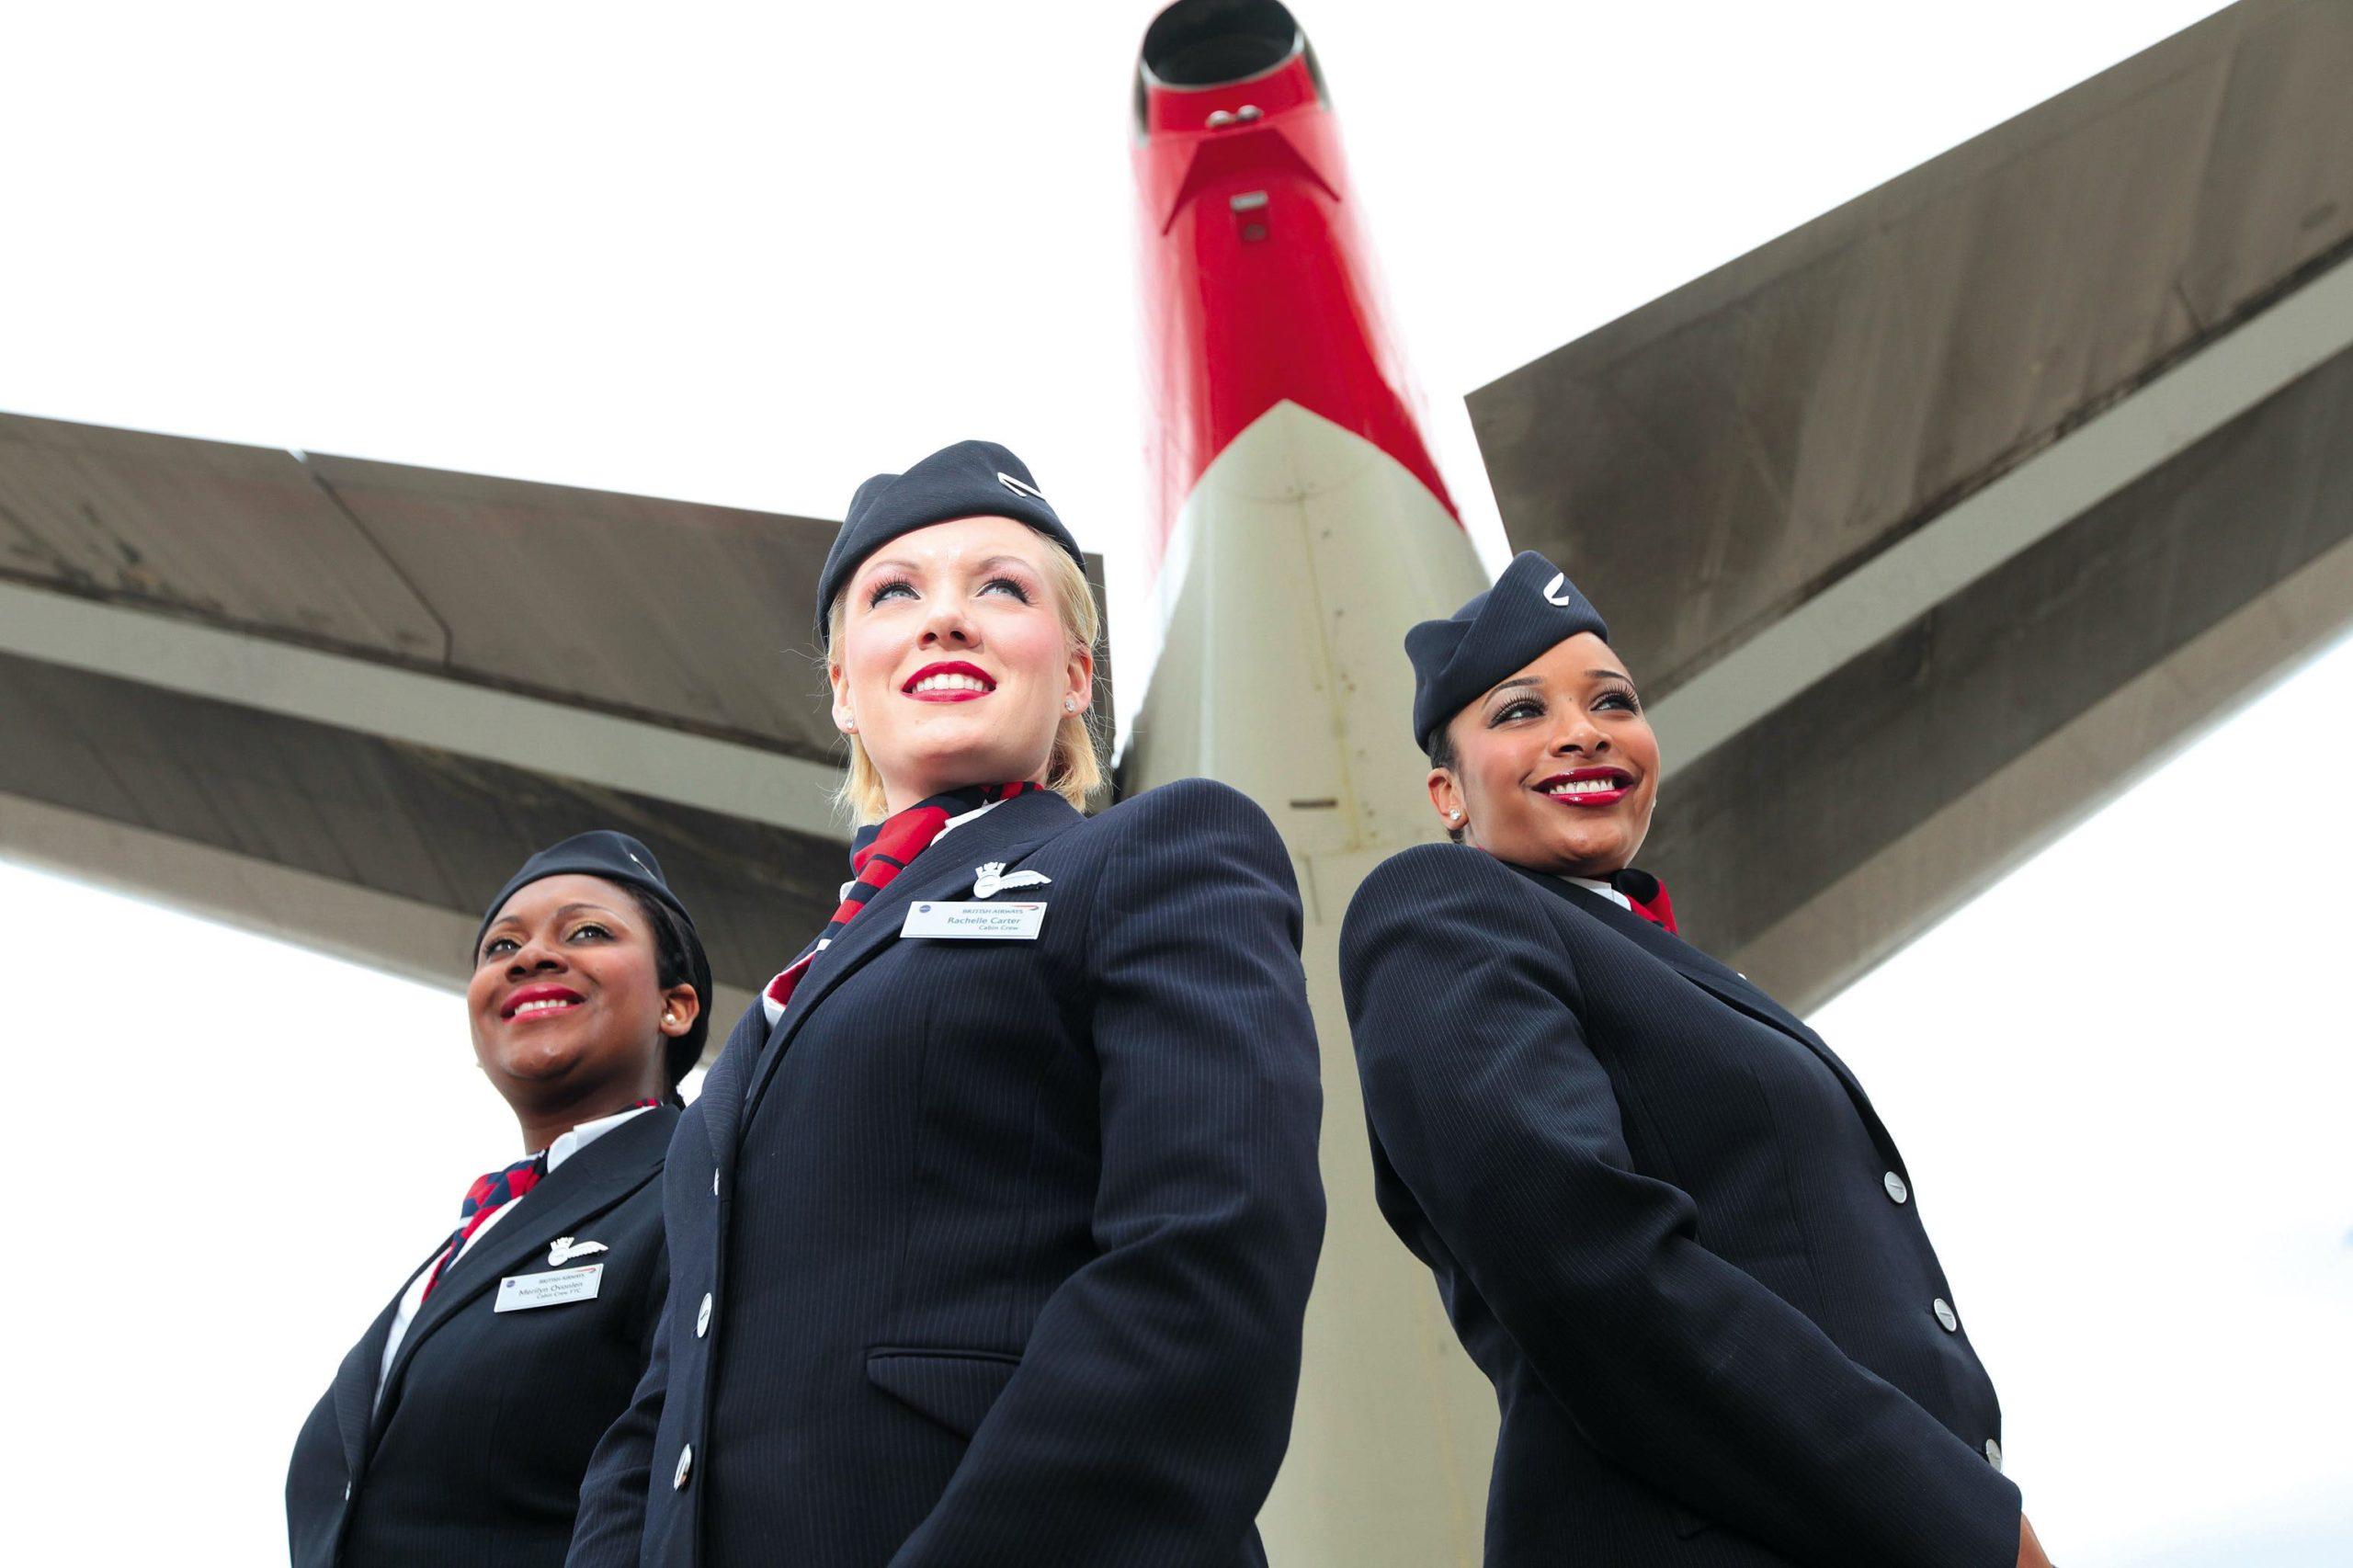 British Airways Staff Afraid